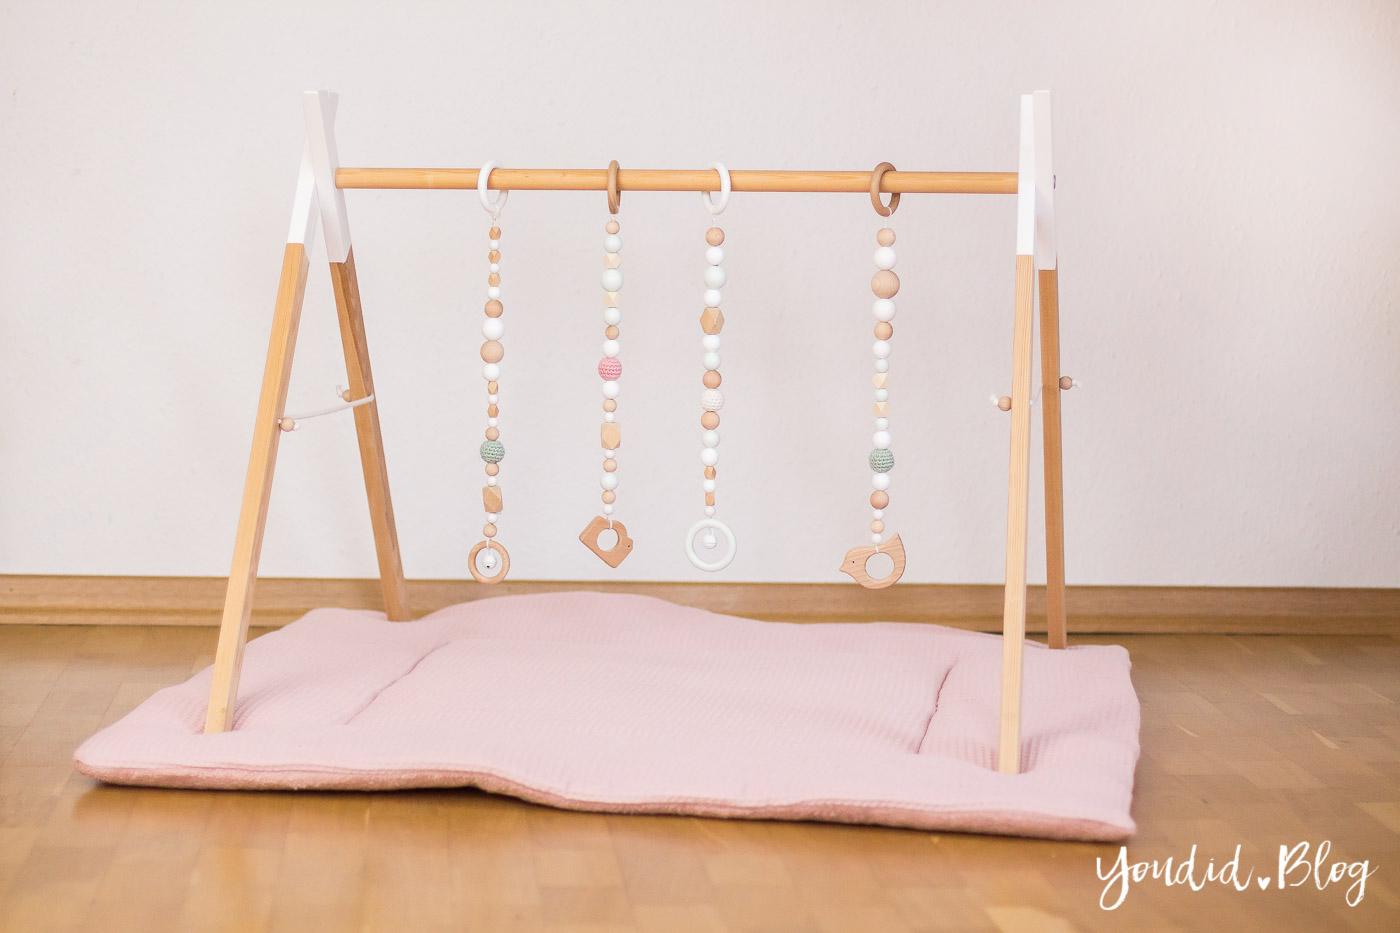 bauanleitung f r einen diy holz spielbogen im. Black Bedroom Furniture Sets. Home Design Ideas